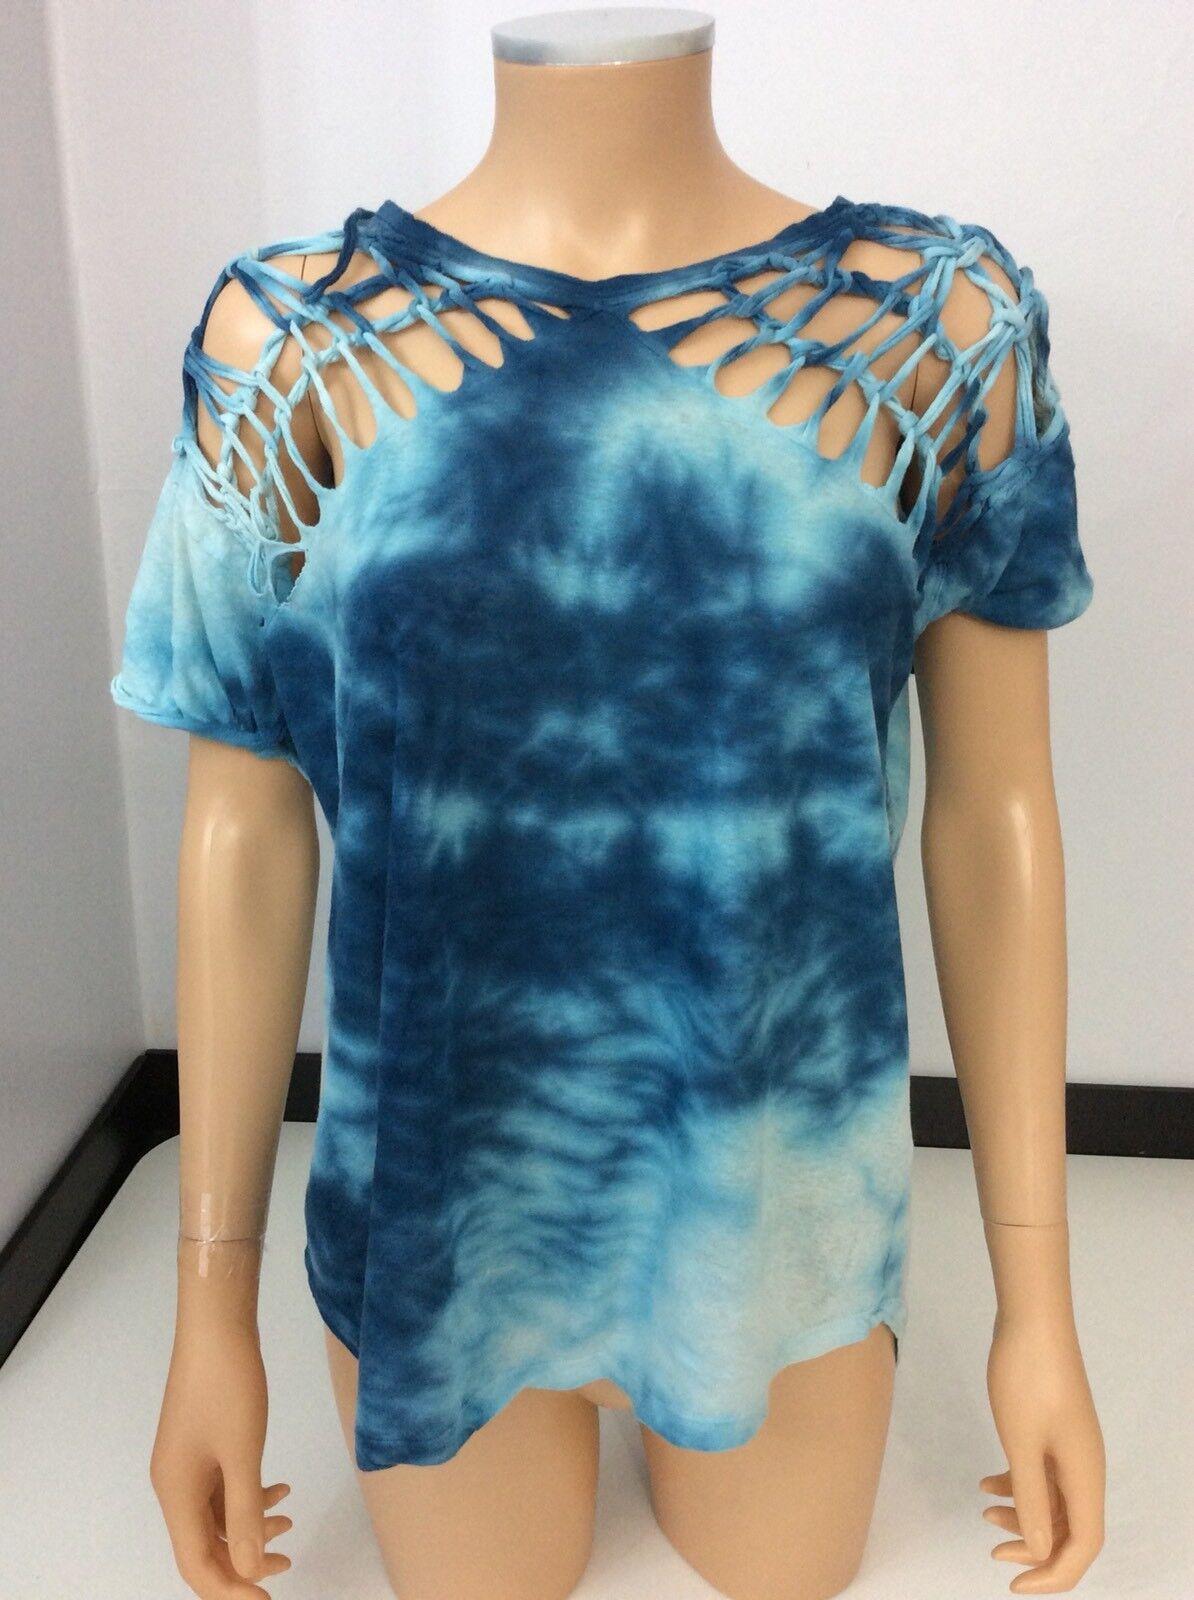 Isabel Marant Blau Tie Dye Blau Short Sleeve Top Größe 38 Vgc